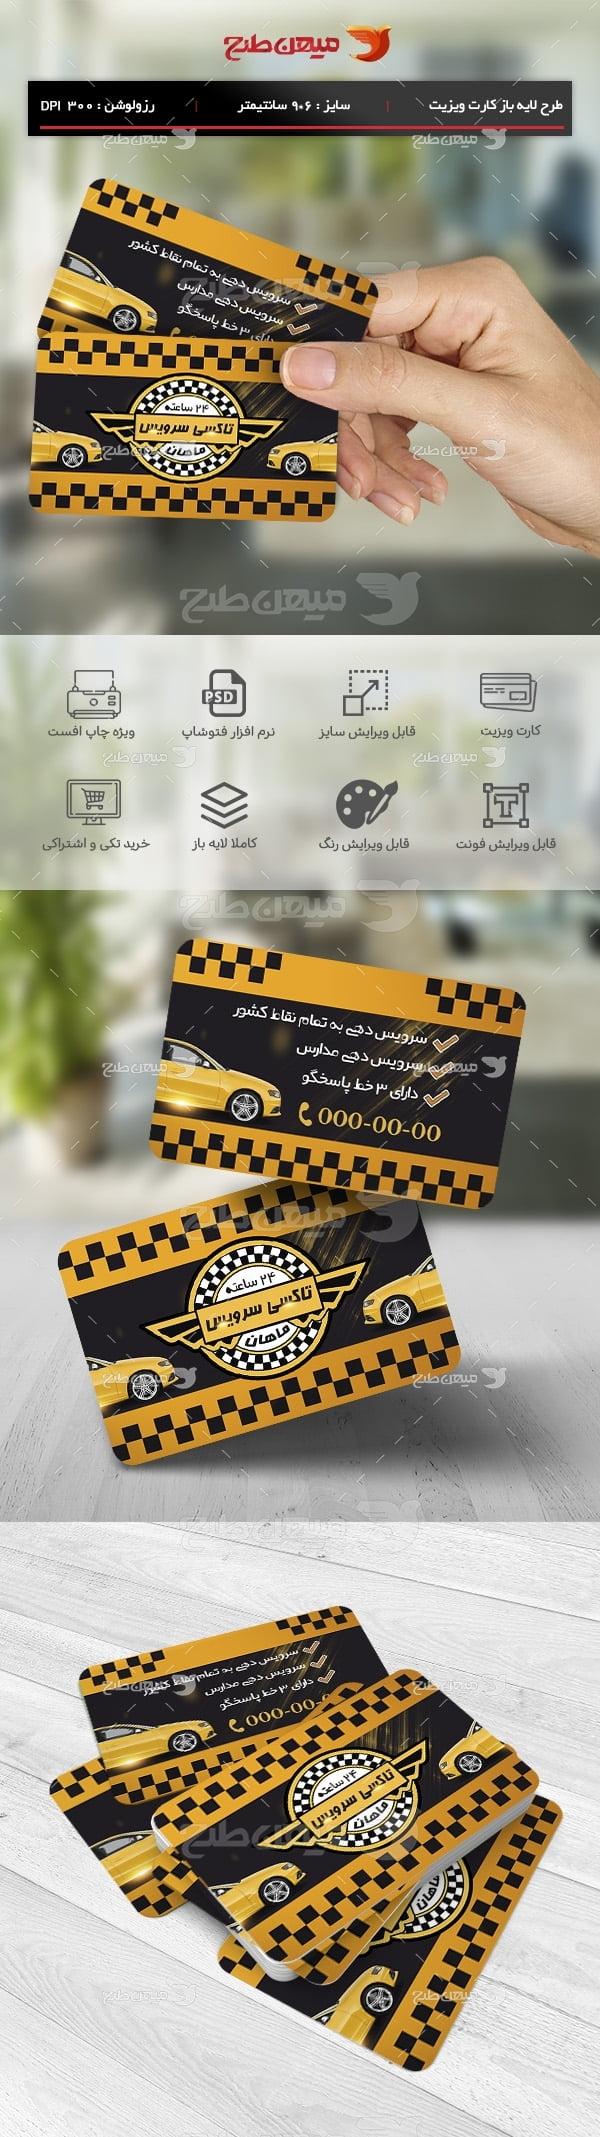 طرح لایه باز کارت ویزیت تبلیغاتی تاکسی سرویس ماهان